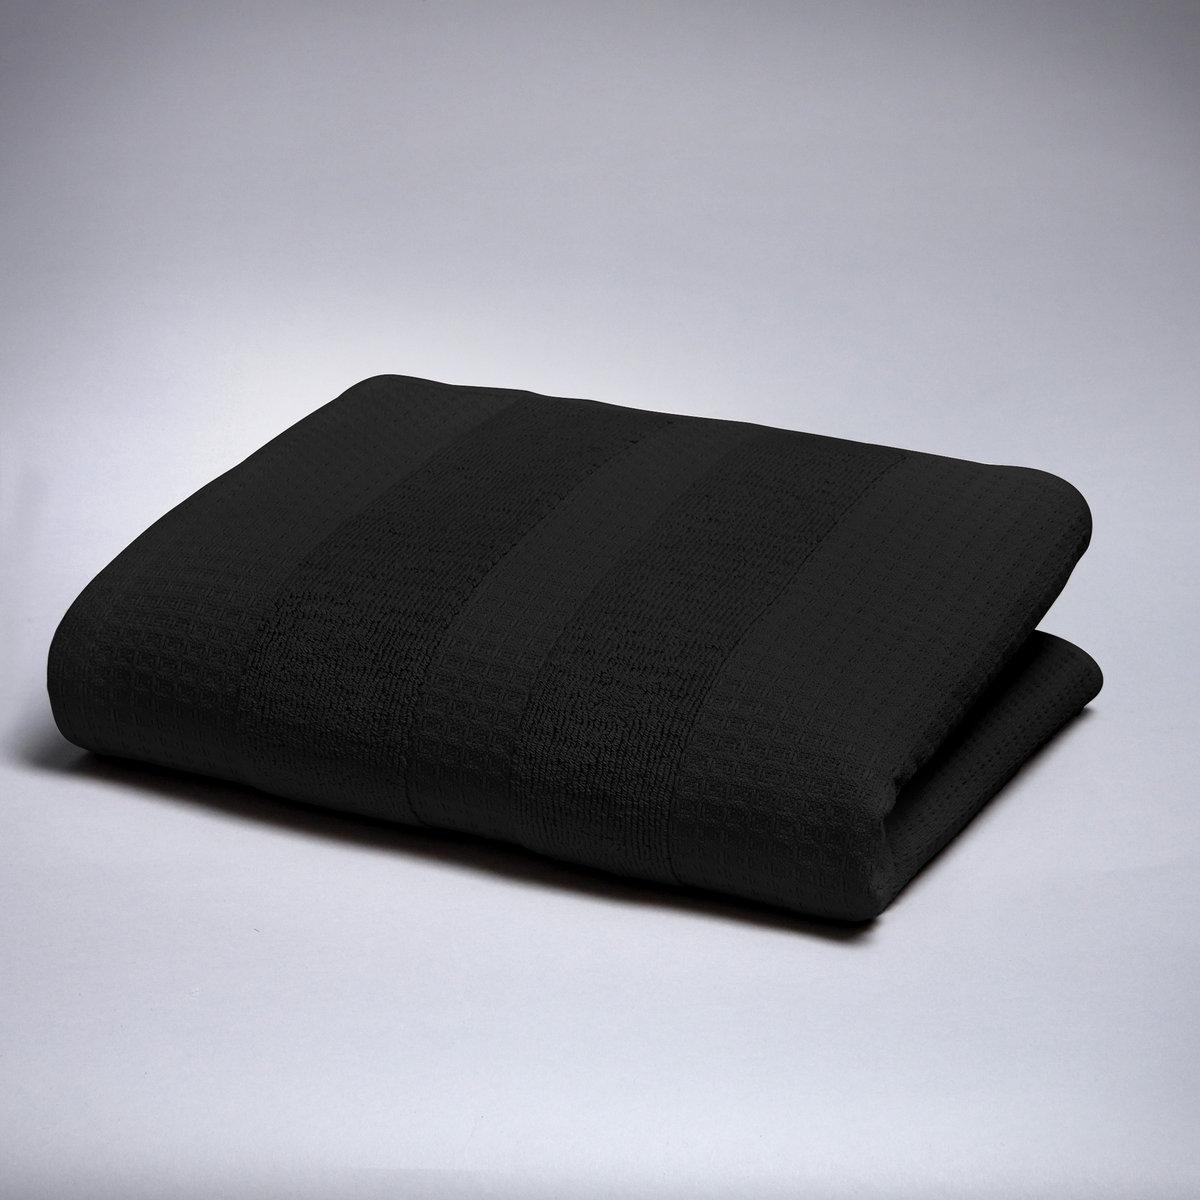 Полотенце, 500 г/м?Мягкая роскошь… Одна сторона с вафельной текстурой и махровой каймой, другая сторона из махровой ткани с вафельной каймой. 100% хлопка, 500 г/м?. Размер: 50 х 100 см. Стирка при 60°.<br><br>Цвет: черный<br>Размер: 50 x 100  см